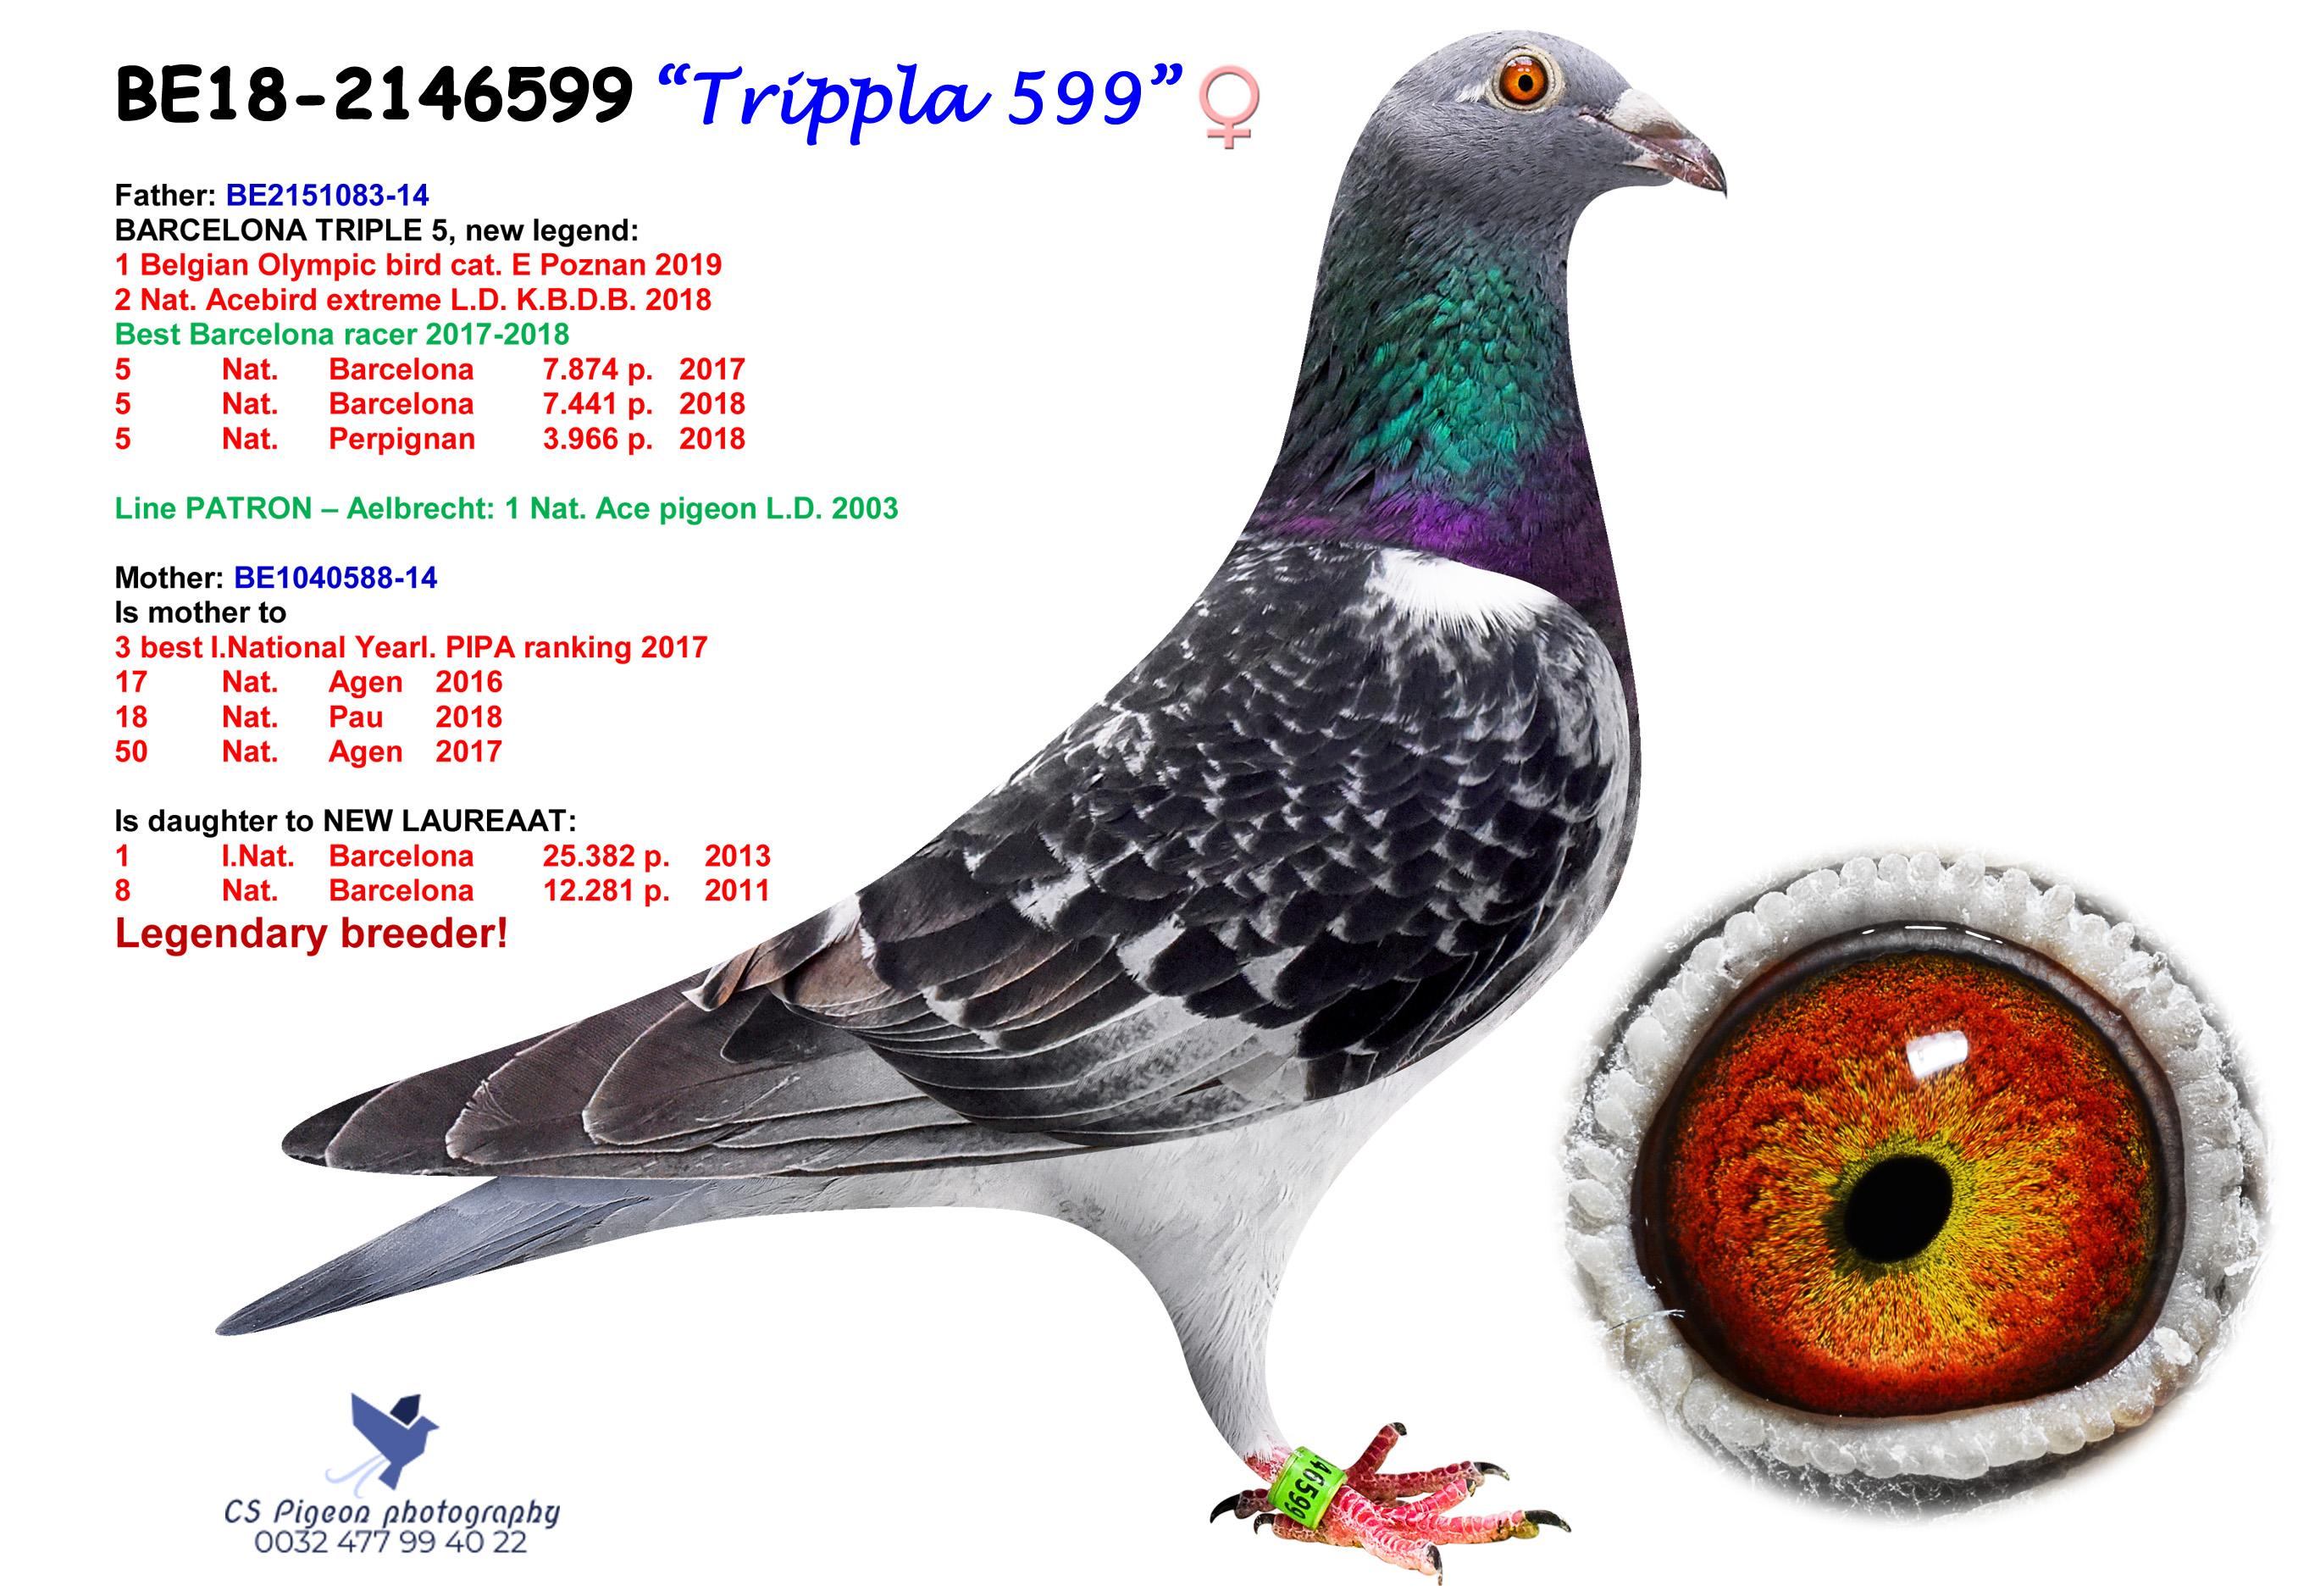 Trippla 599